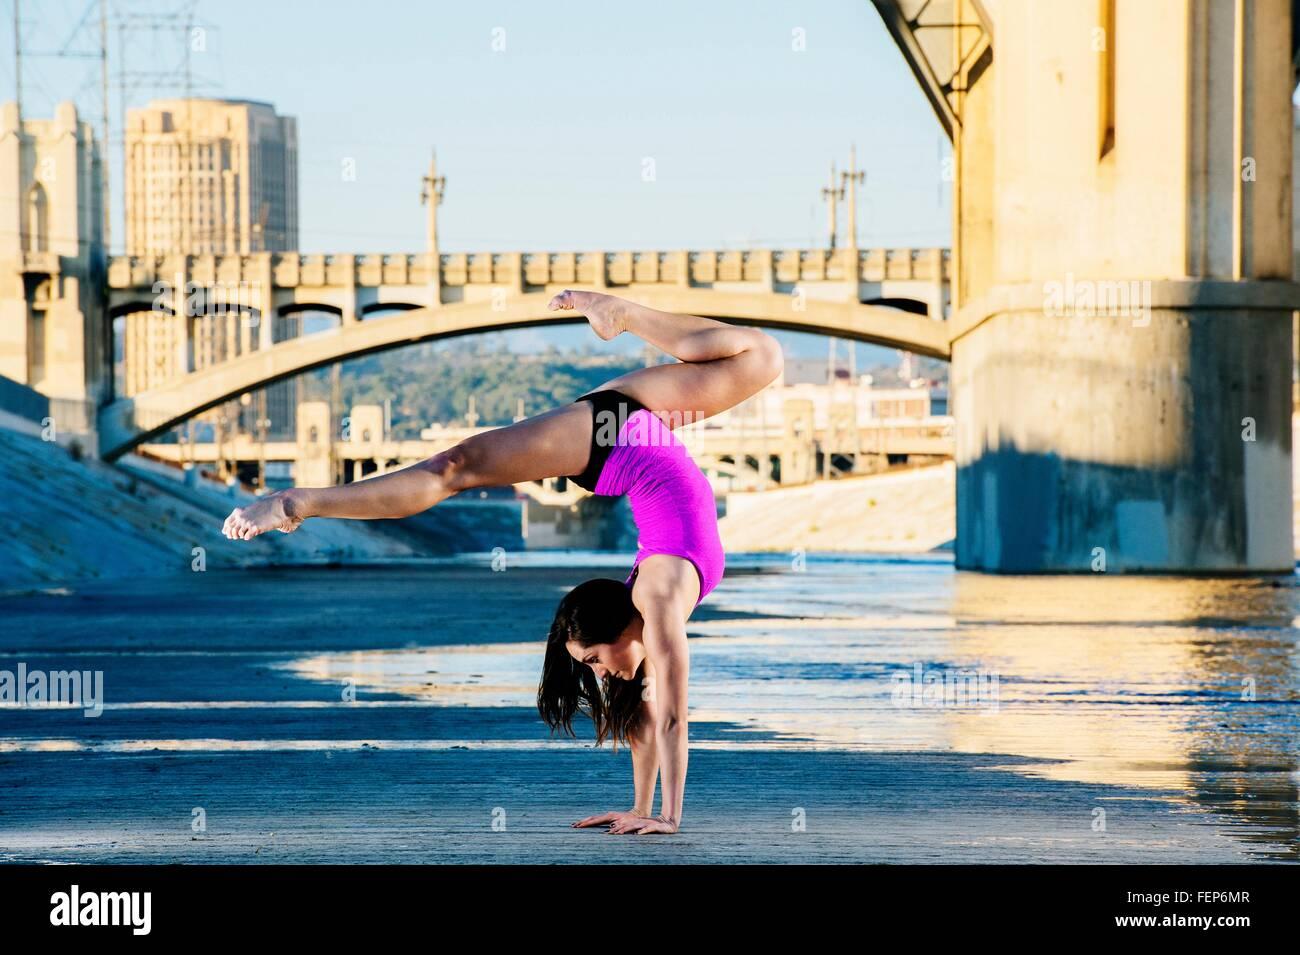 Vista laterale della danzatrice facendo handstand, gambe aperte, Los Angeles, California, Stati Uniti d'America Immagini Stock